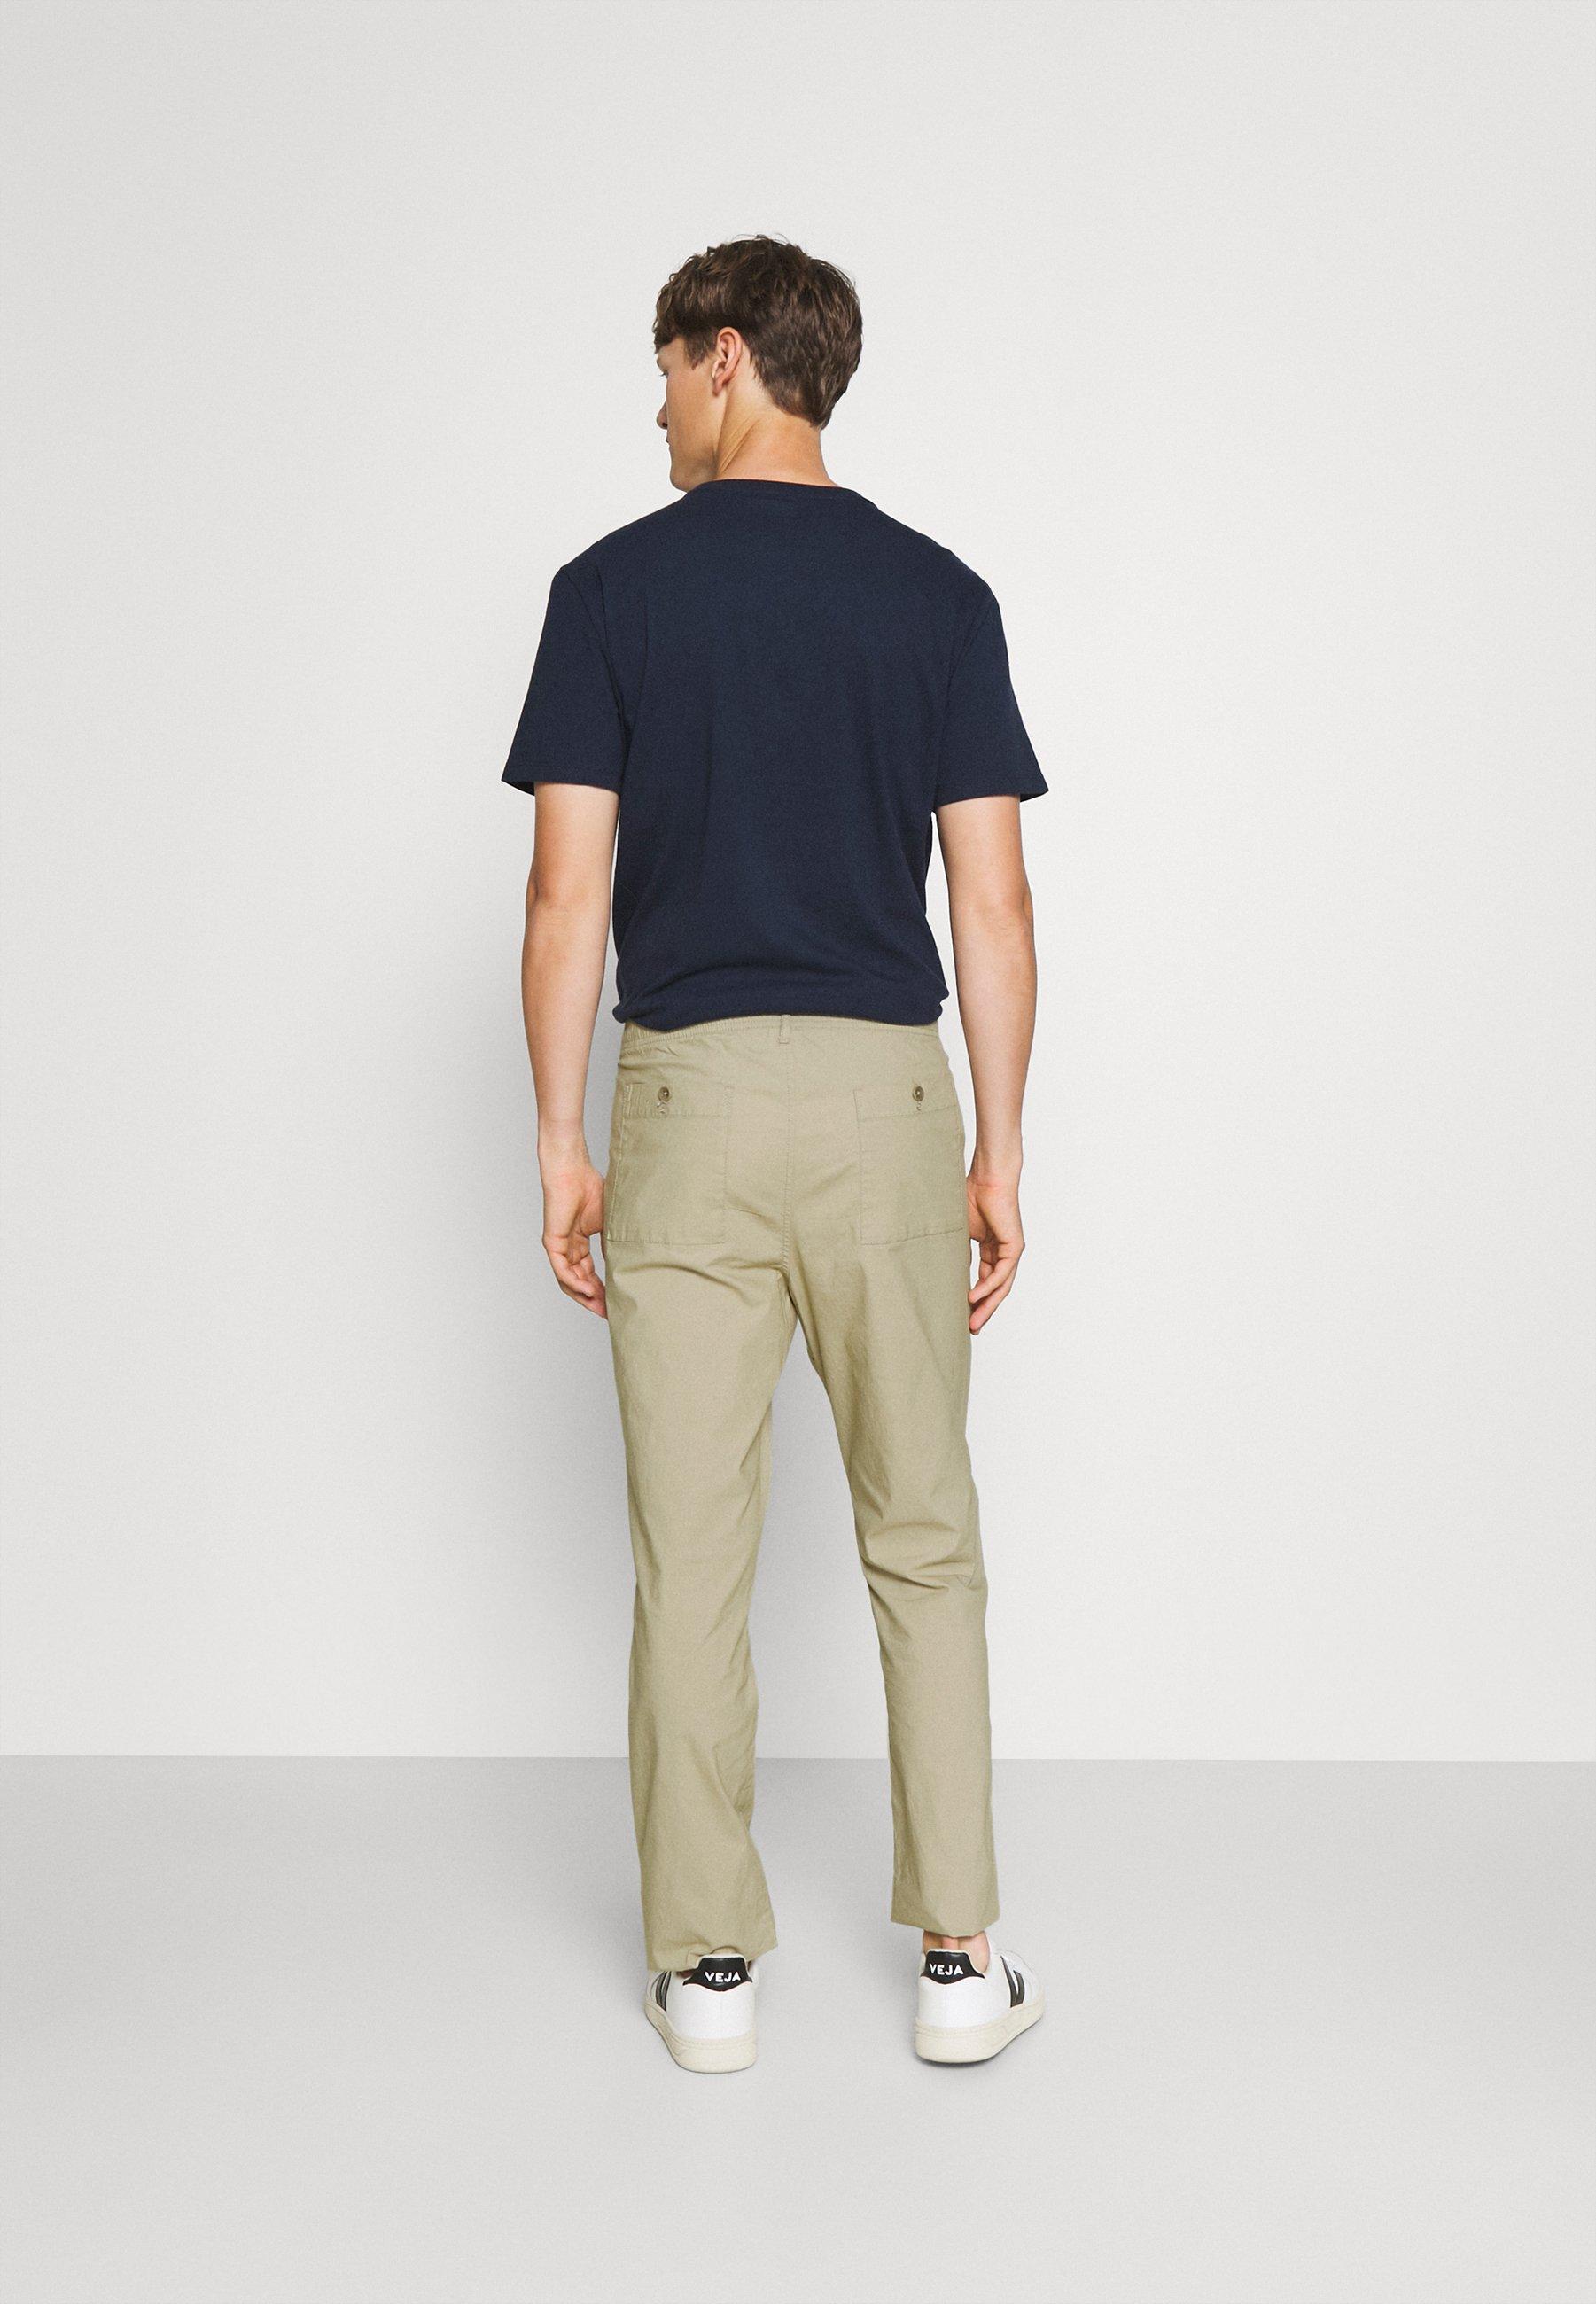 Uomo SLIM TAPER EASY PANT - Pantaloni